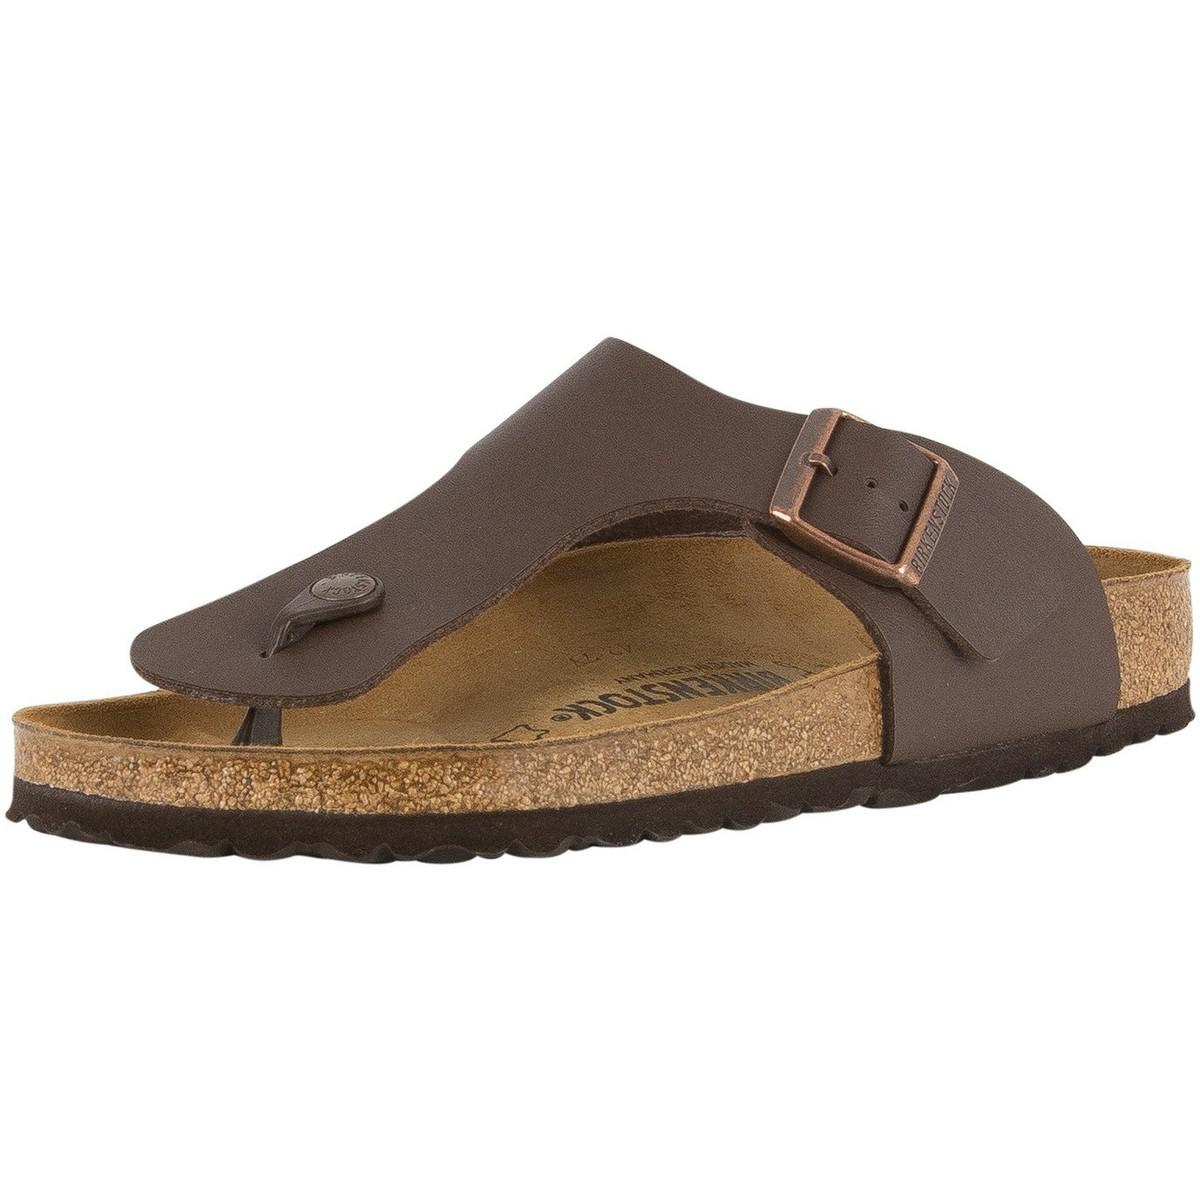 2e1de3cf5090 Birkenstock Men s Ramses Bs Sandals